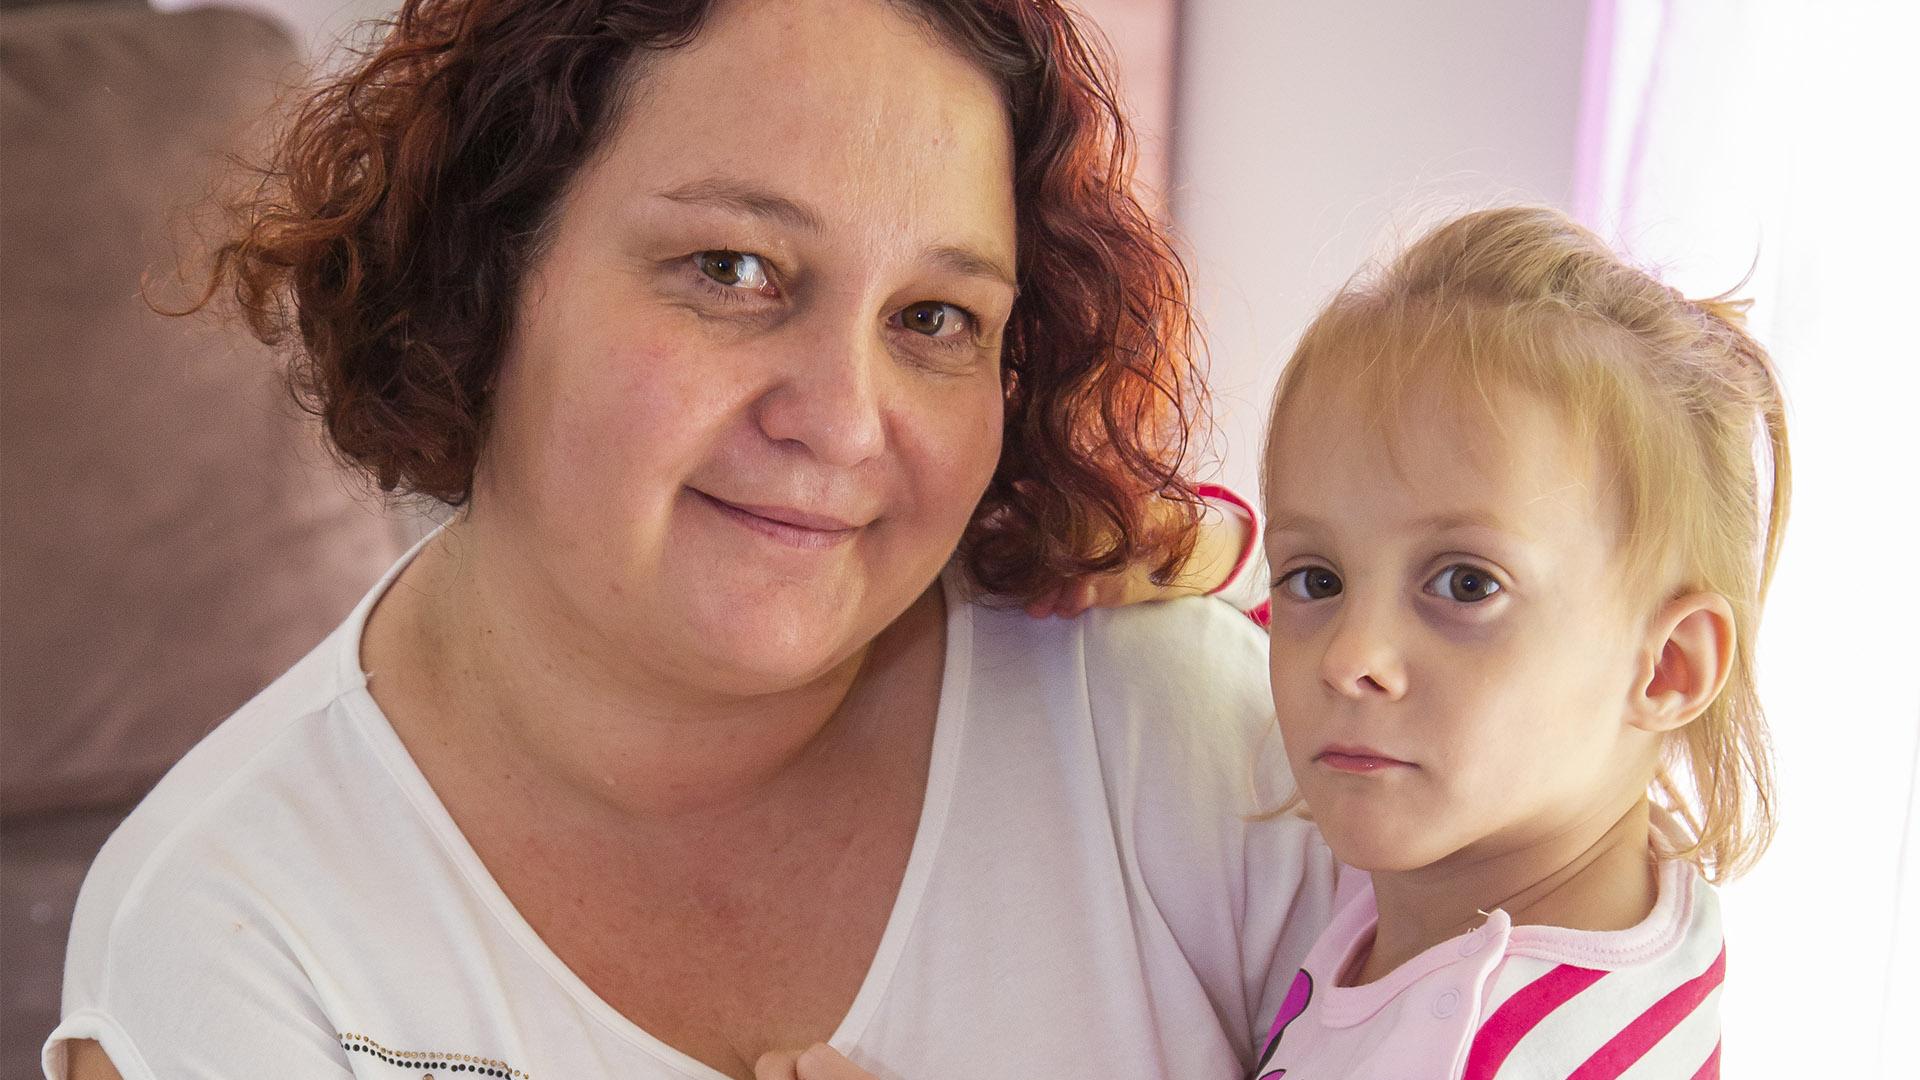 agyvérzés busa család csodababa dévény-torna inkubátor keresztelő koraszülött babák koraszülöttek világnapja magas vérnyomás sztella terhesség terhességi toxémia ványik dóra